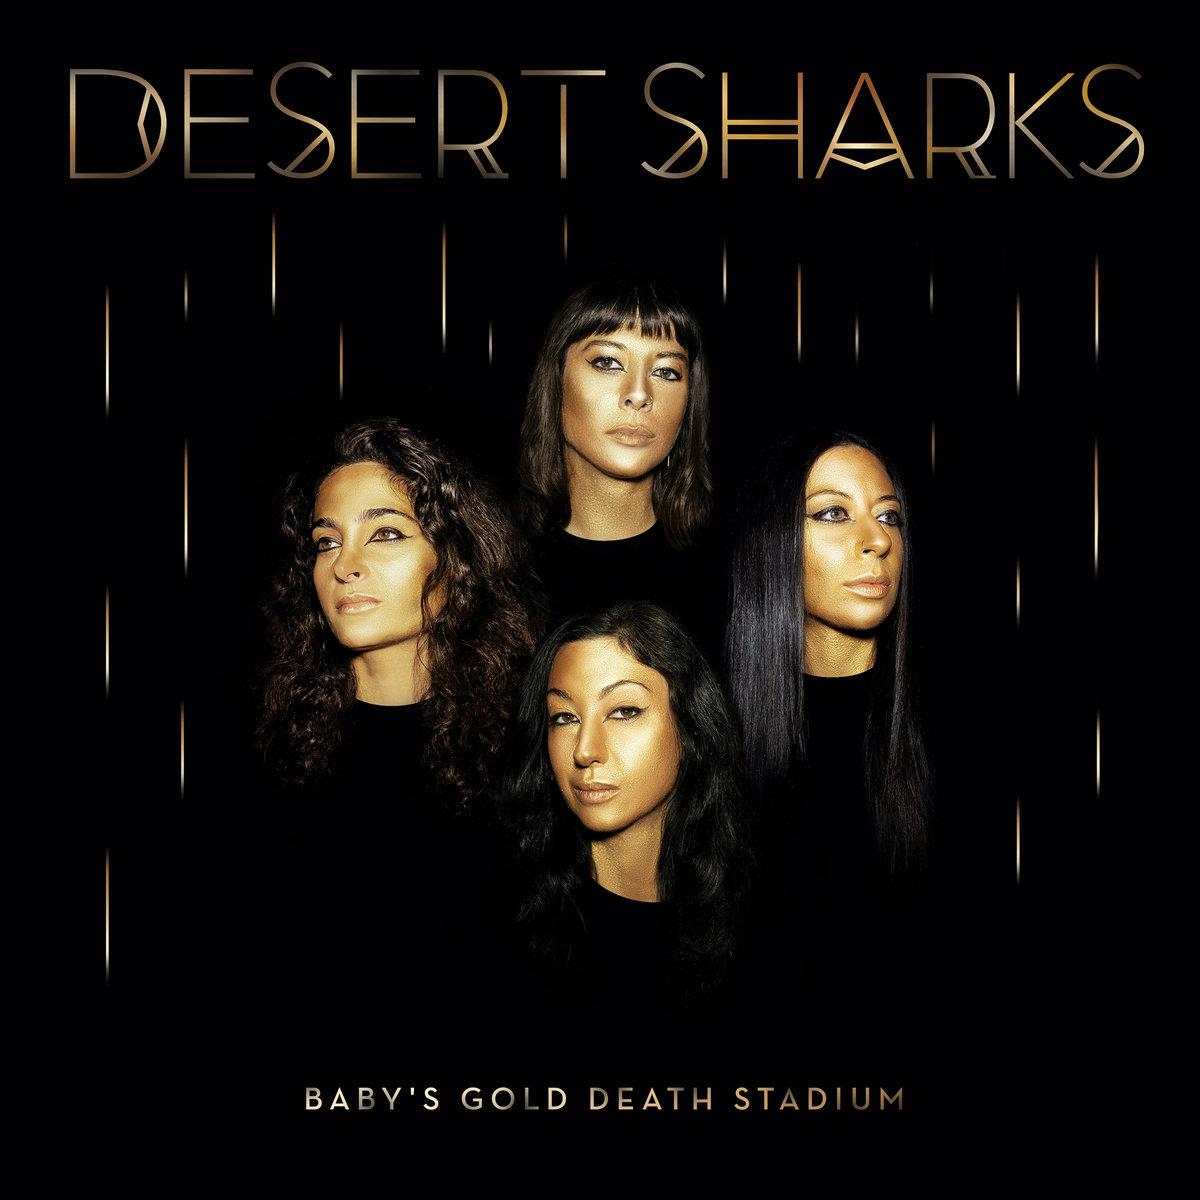 desert sharks